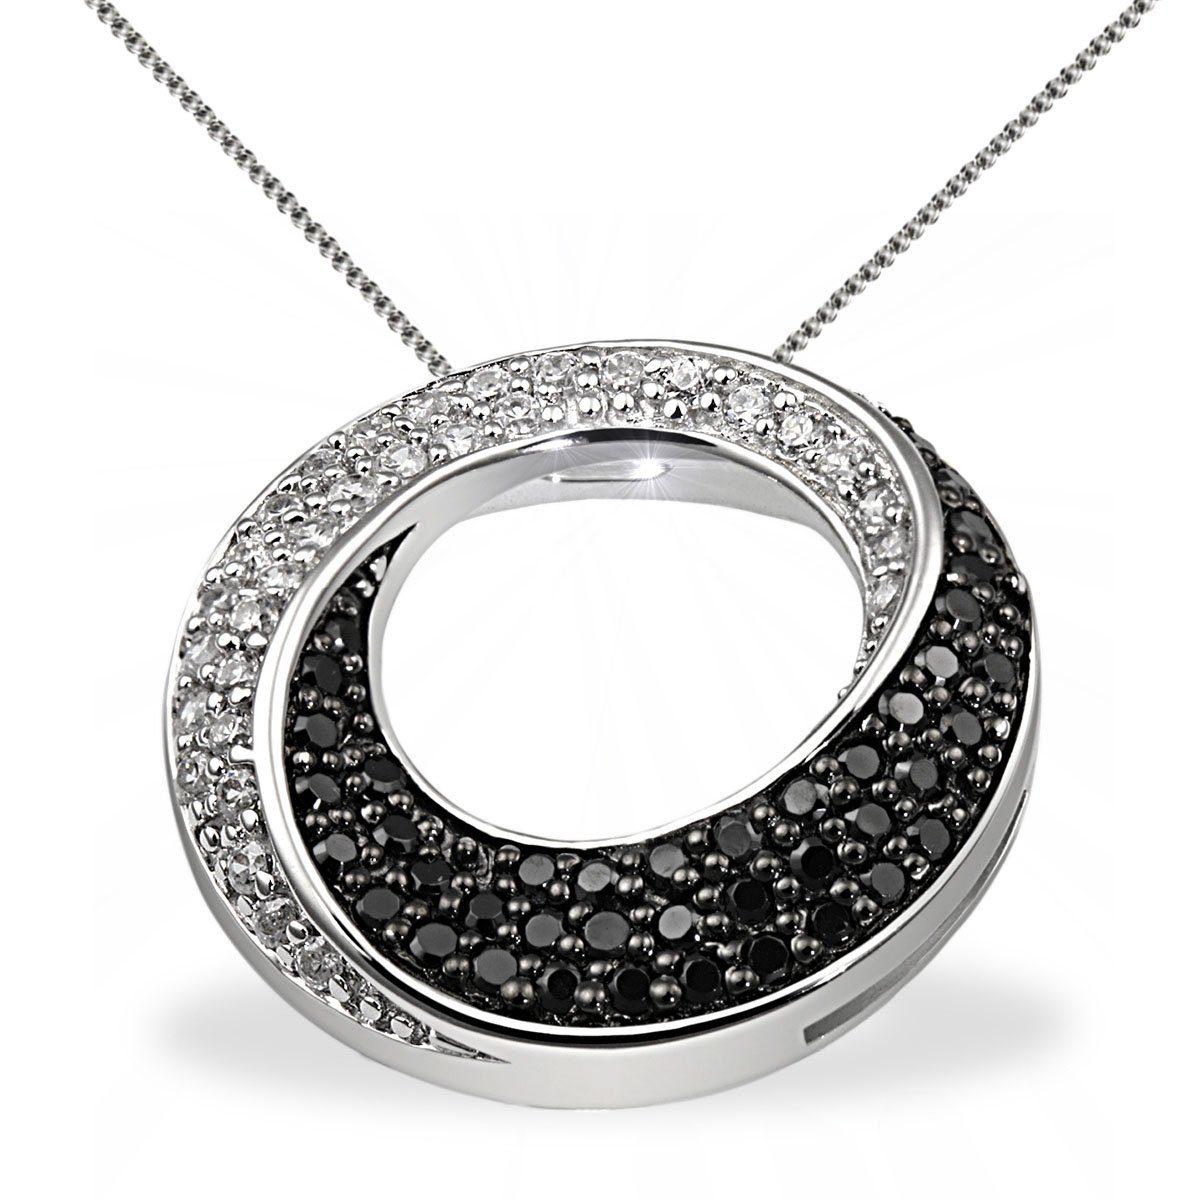 goldmaid Collier Silber 925 schwarz weisse Zirkonia gedrehte Form